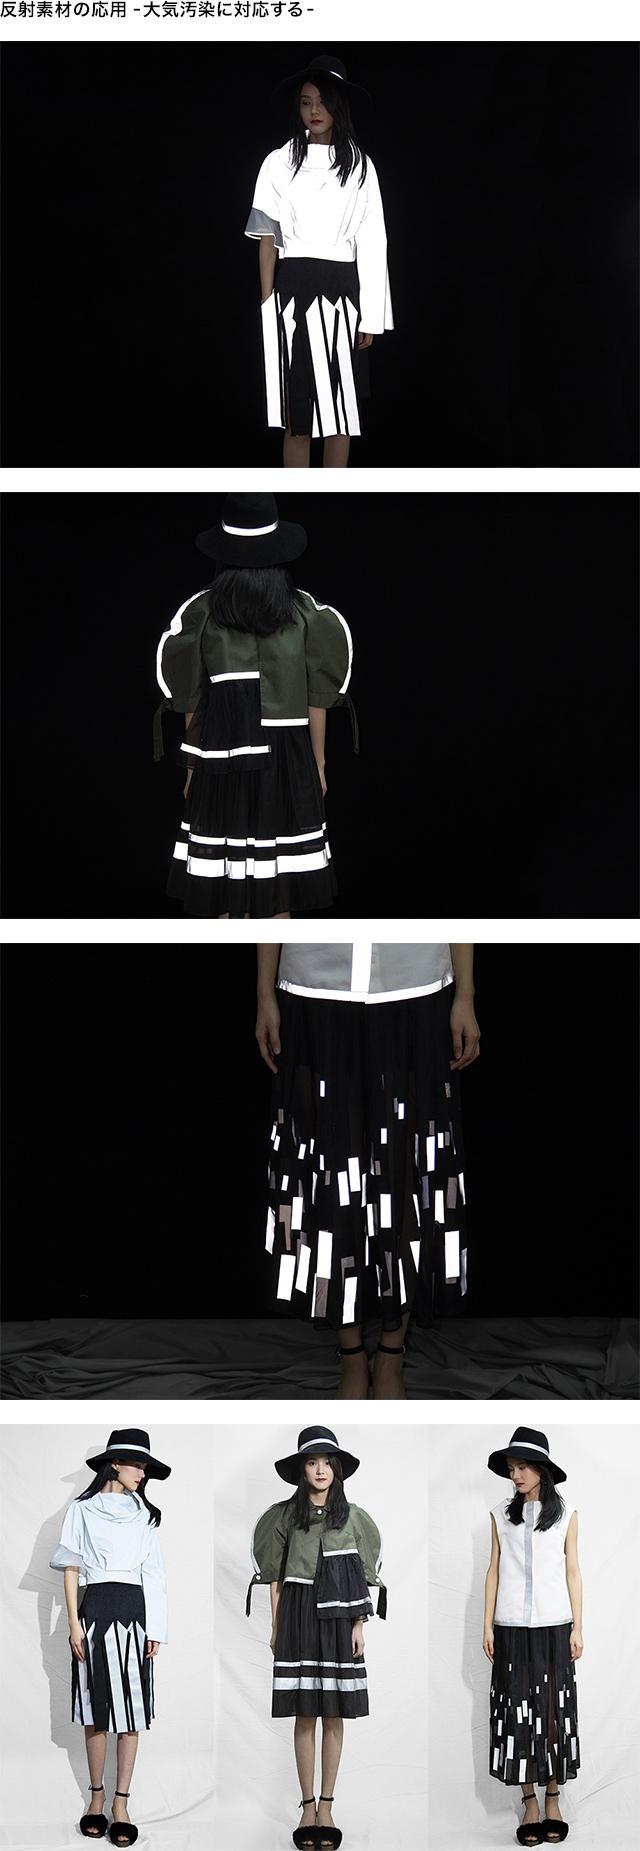 ファッションクリエイション専攻 ファッションテクノロジーコース2年生:ジョ カエイ Xu Jiaying